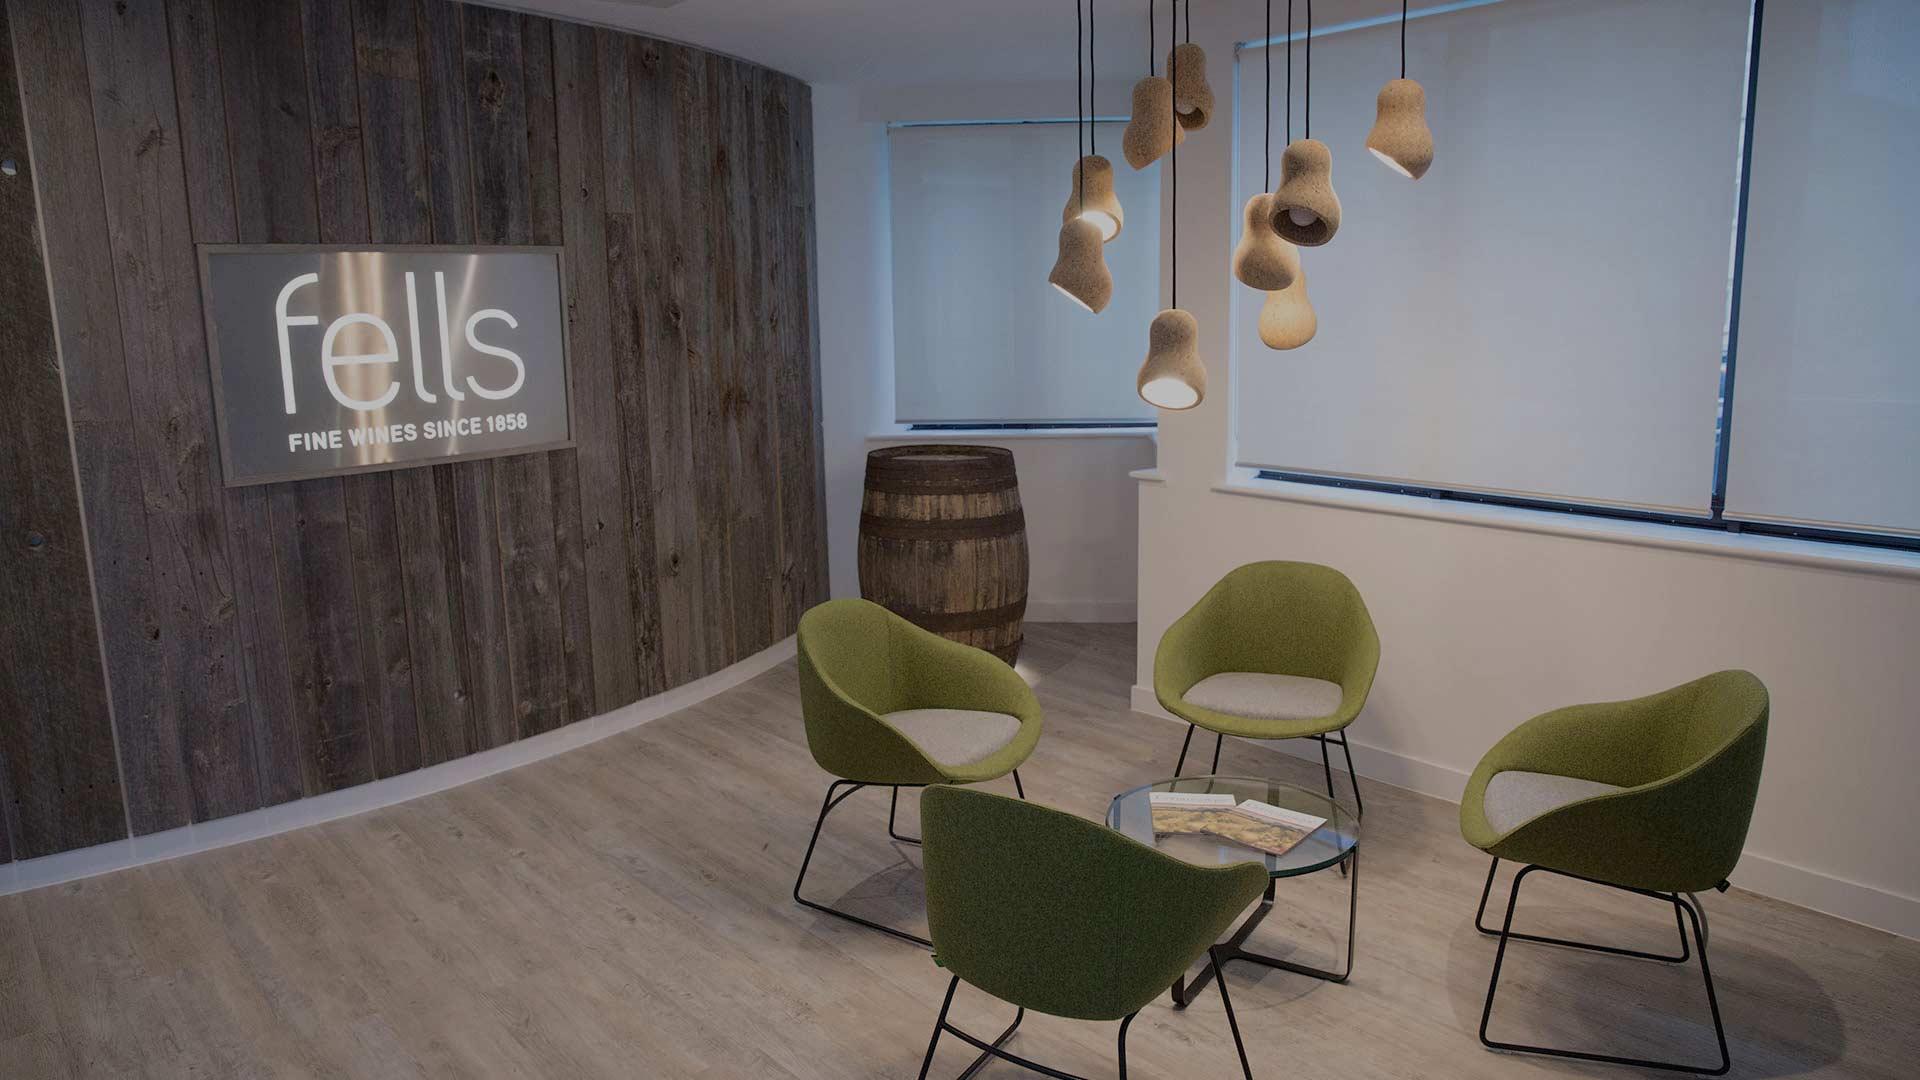 Fells-Fine-Wines-Bulb-Interiors-header